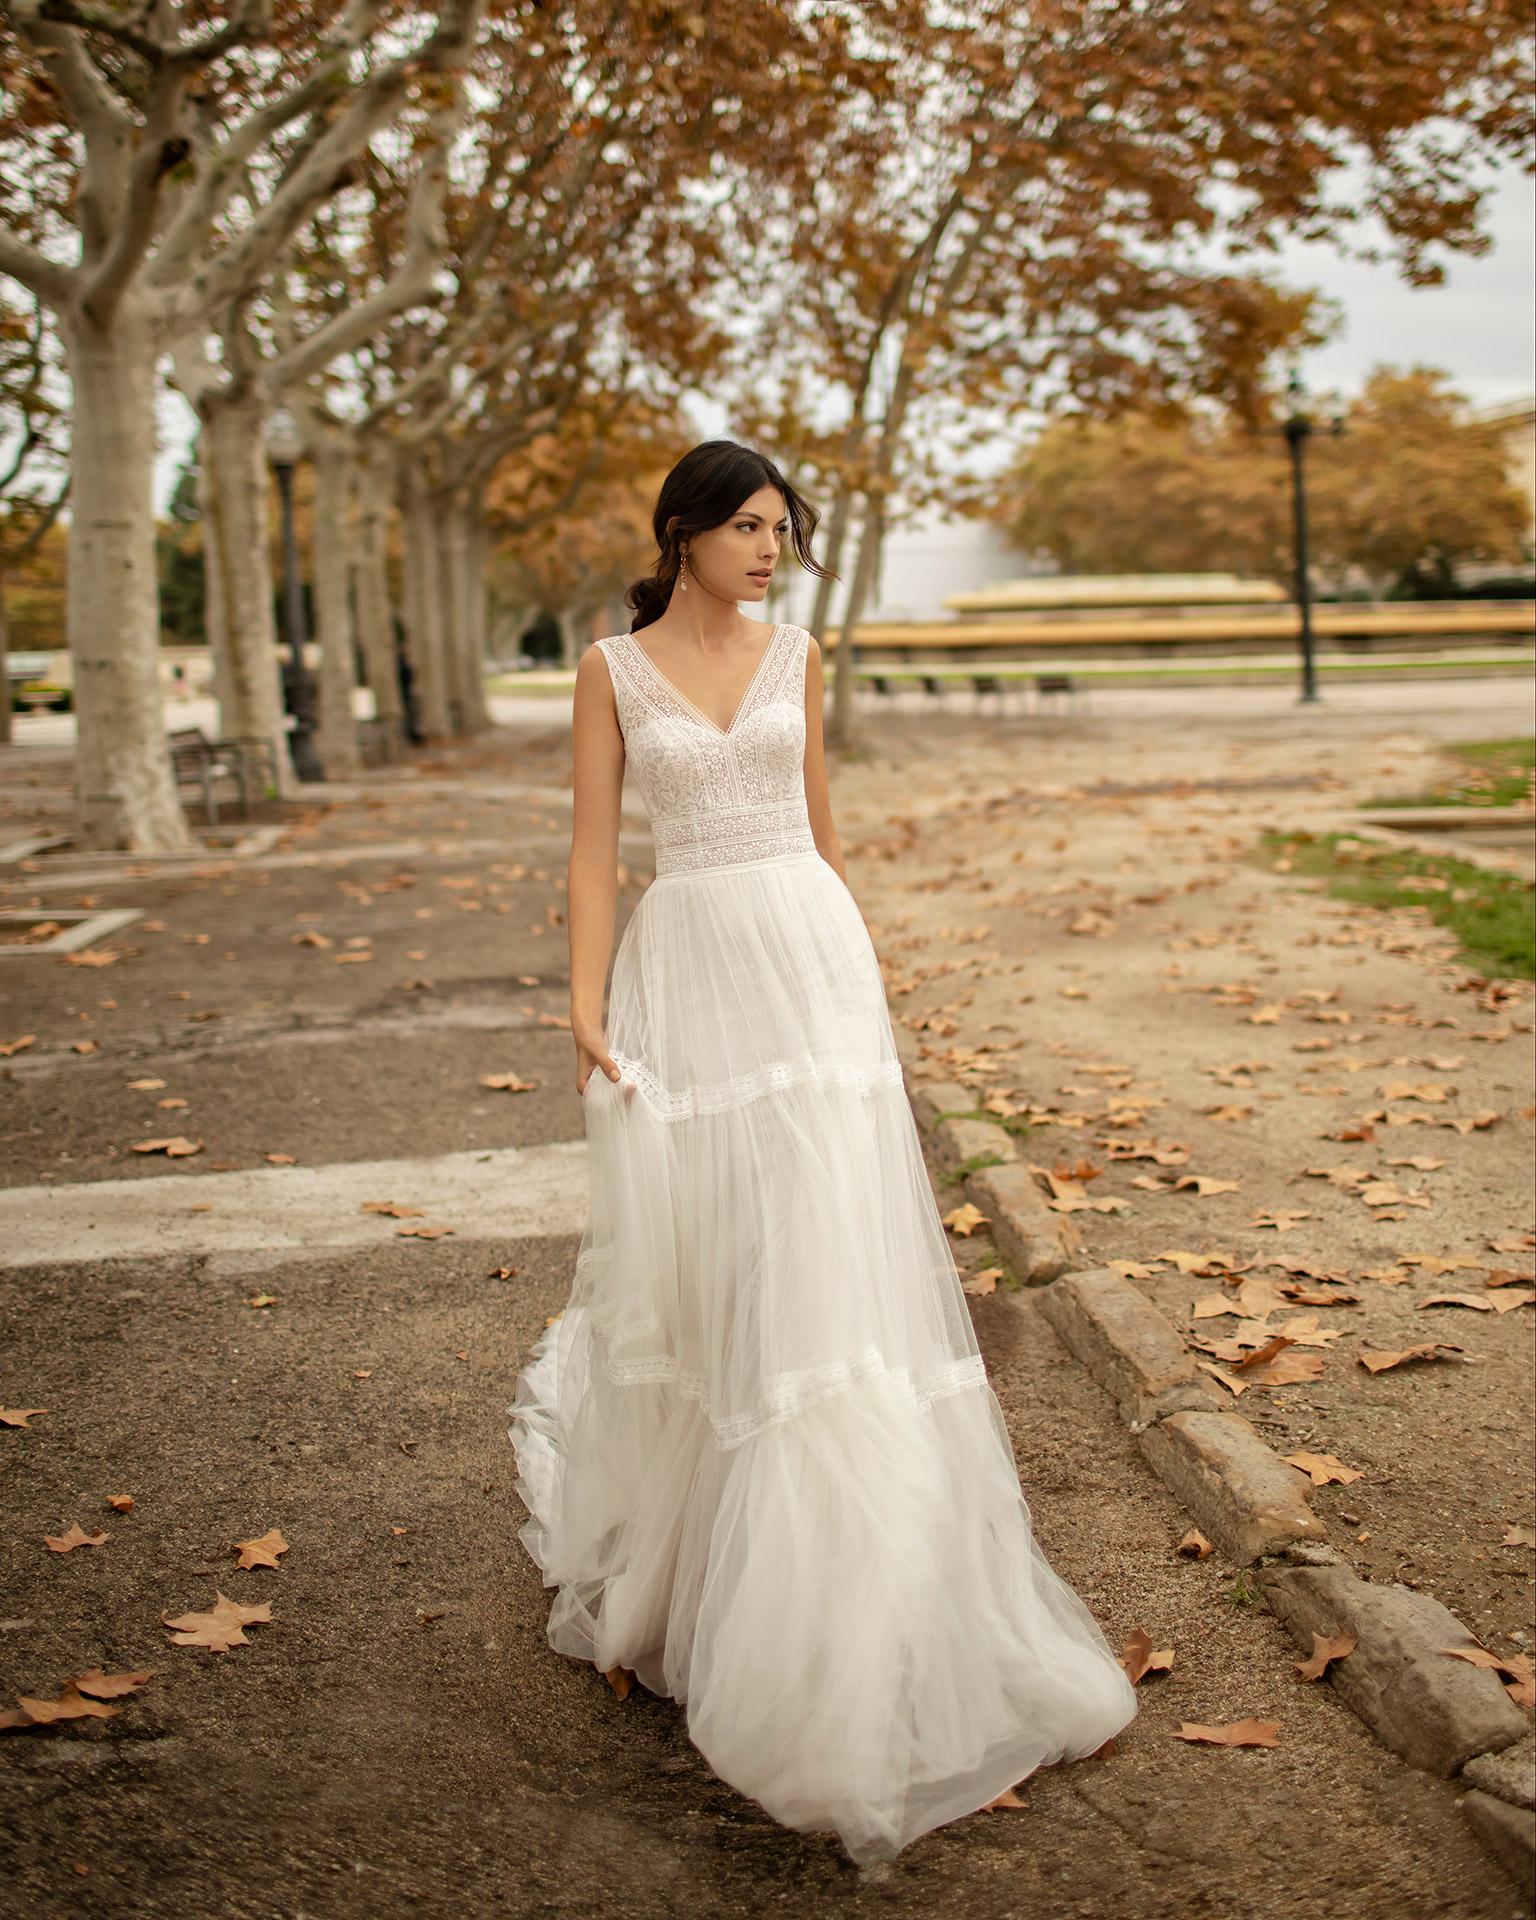 Vestido de novia estilo boho de tul suave y encaje, con escote y espalda en V. Colección ALMA_NOVIA 2020.